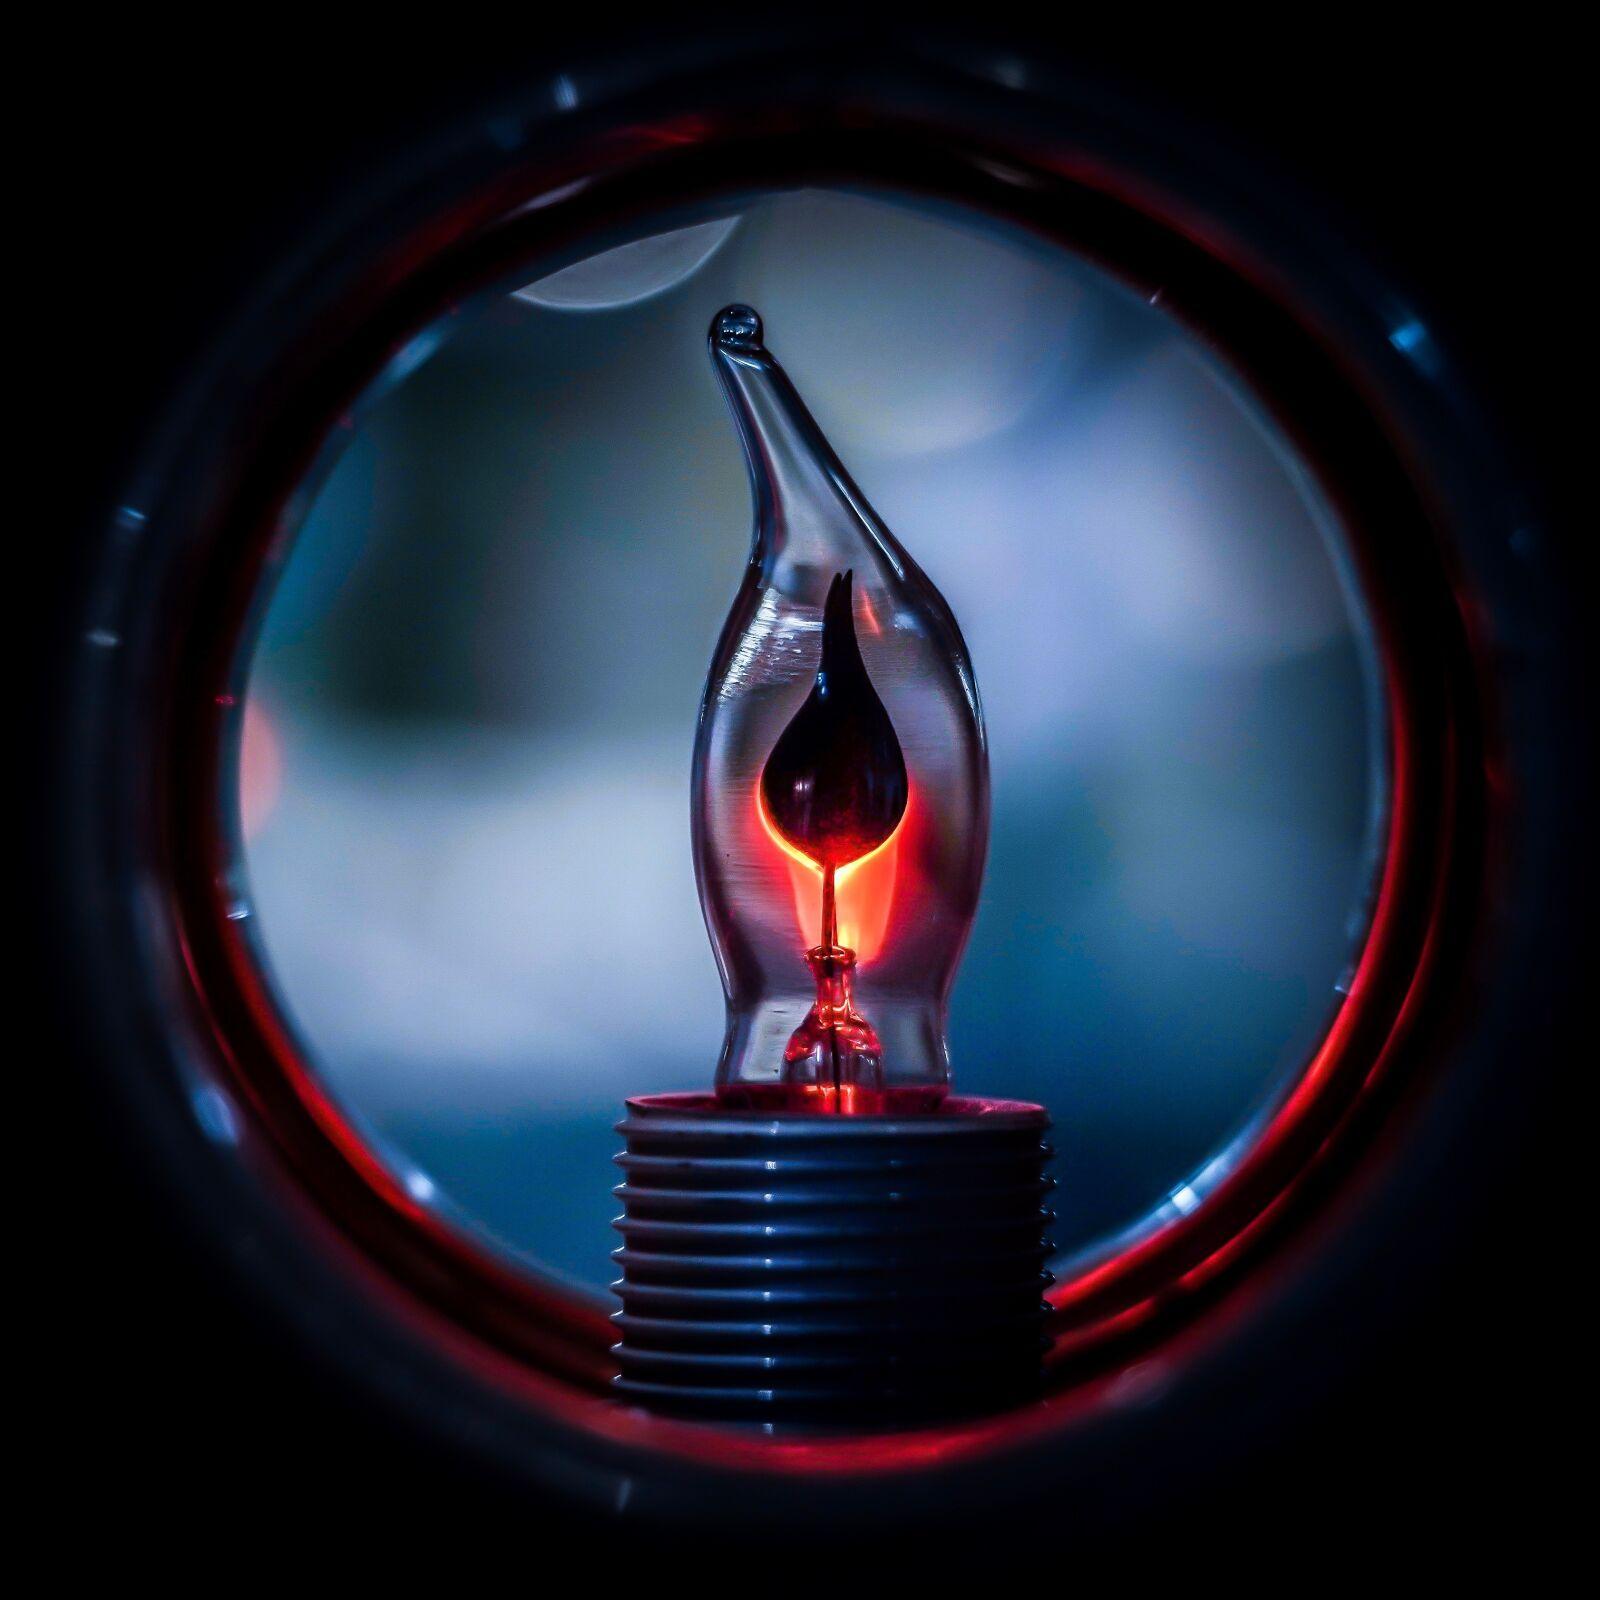 """Sony a7R III sample photo. """"Lamp, bulb, light"""" photography"""